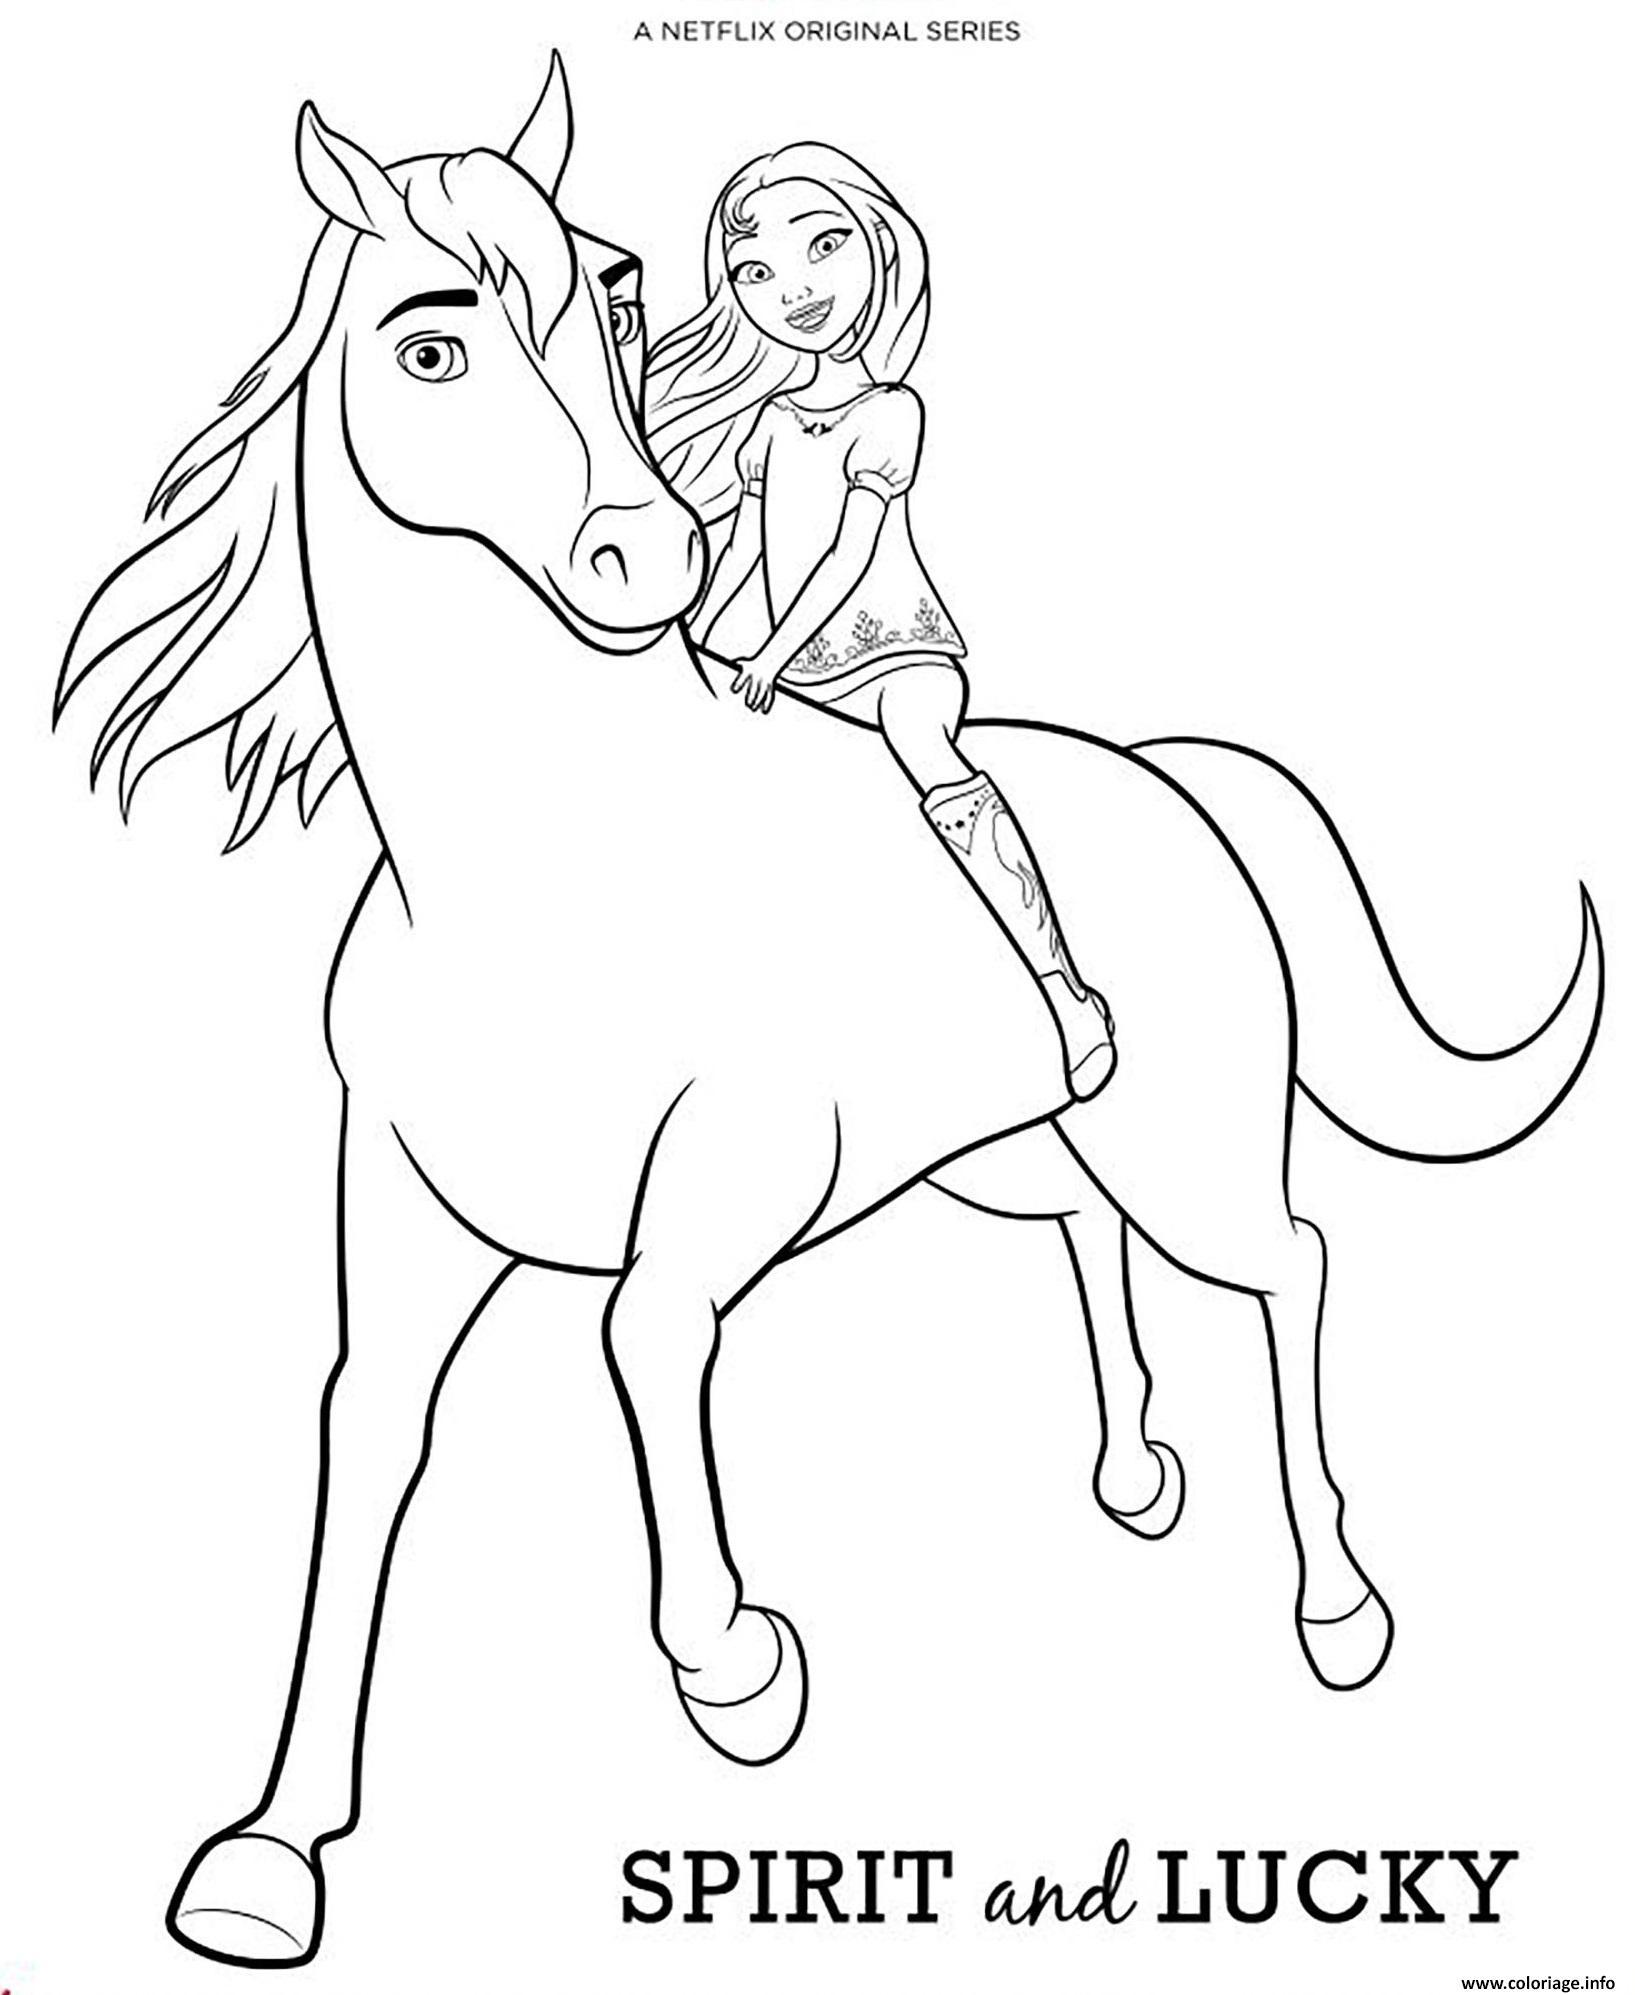 Dessin cheval spirit et lucky Coloriage Gratuit à Imprimer